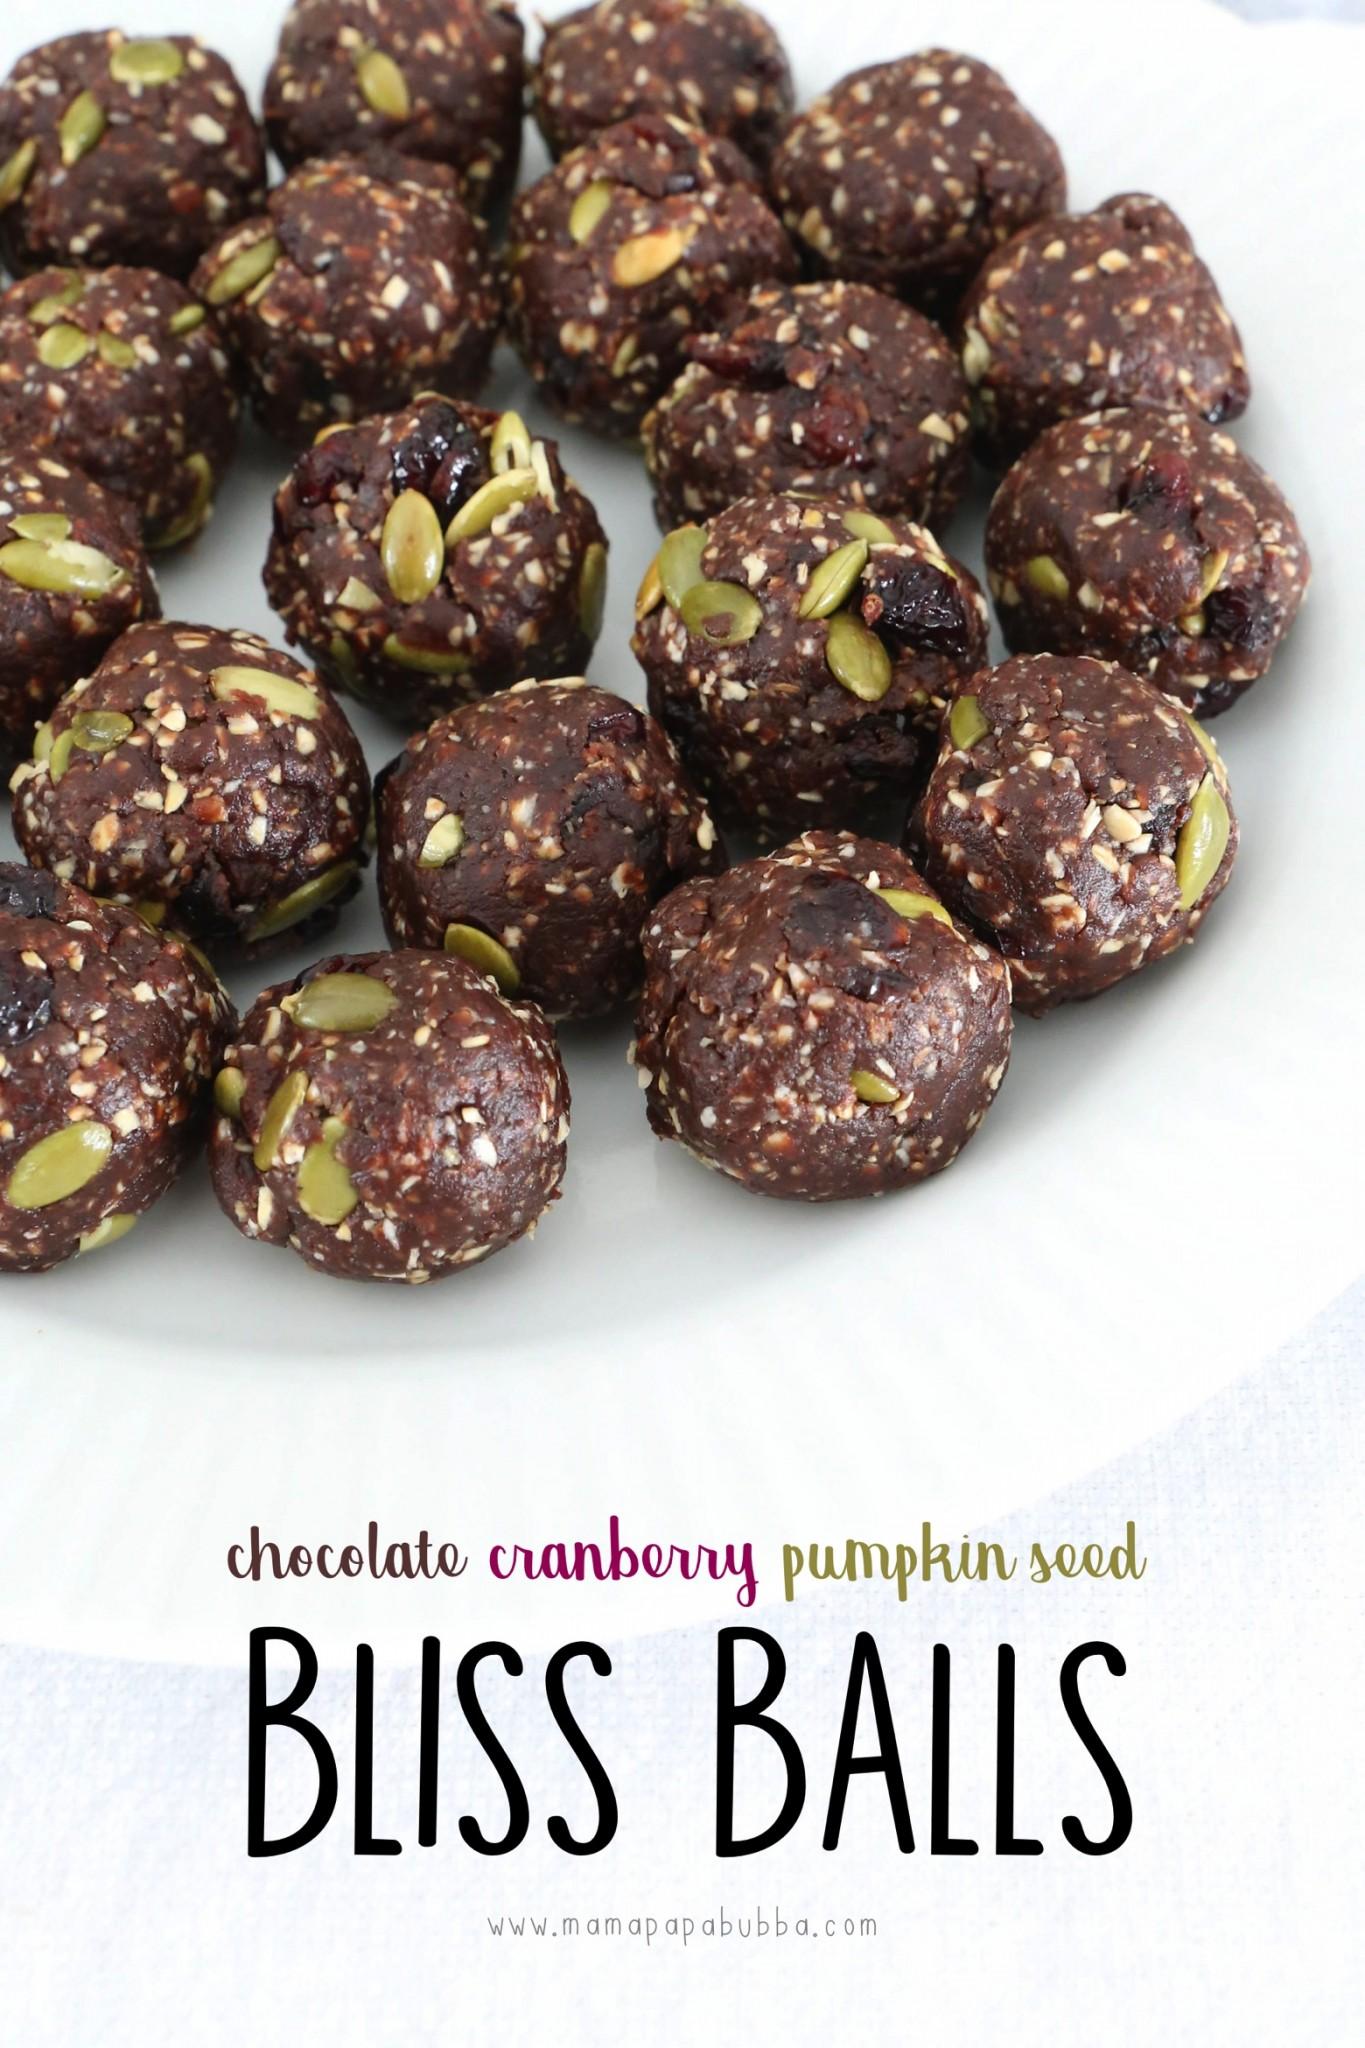 Chocolate Cranberrry Pumpkin Seed Bliss Balls | Mama Papa Bubba 2